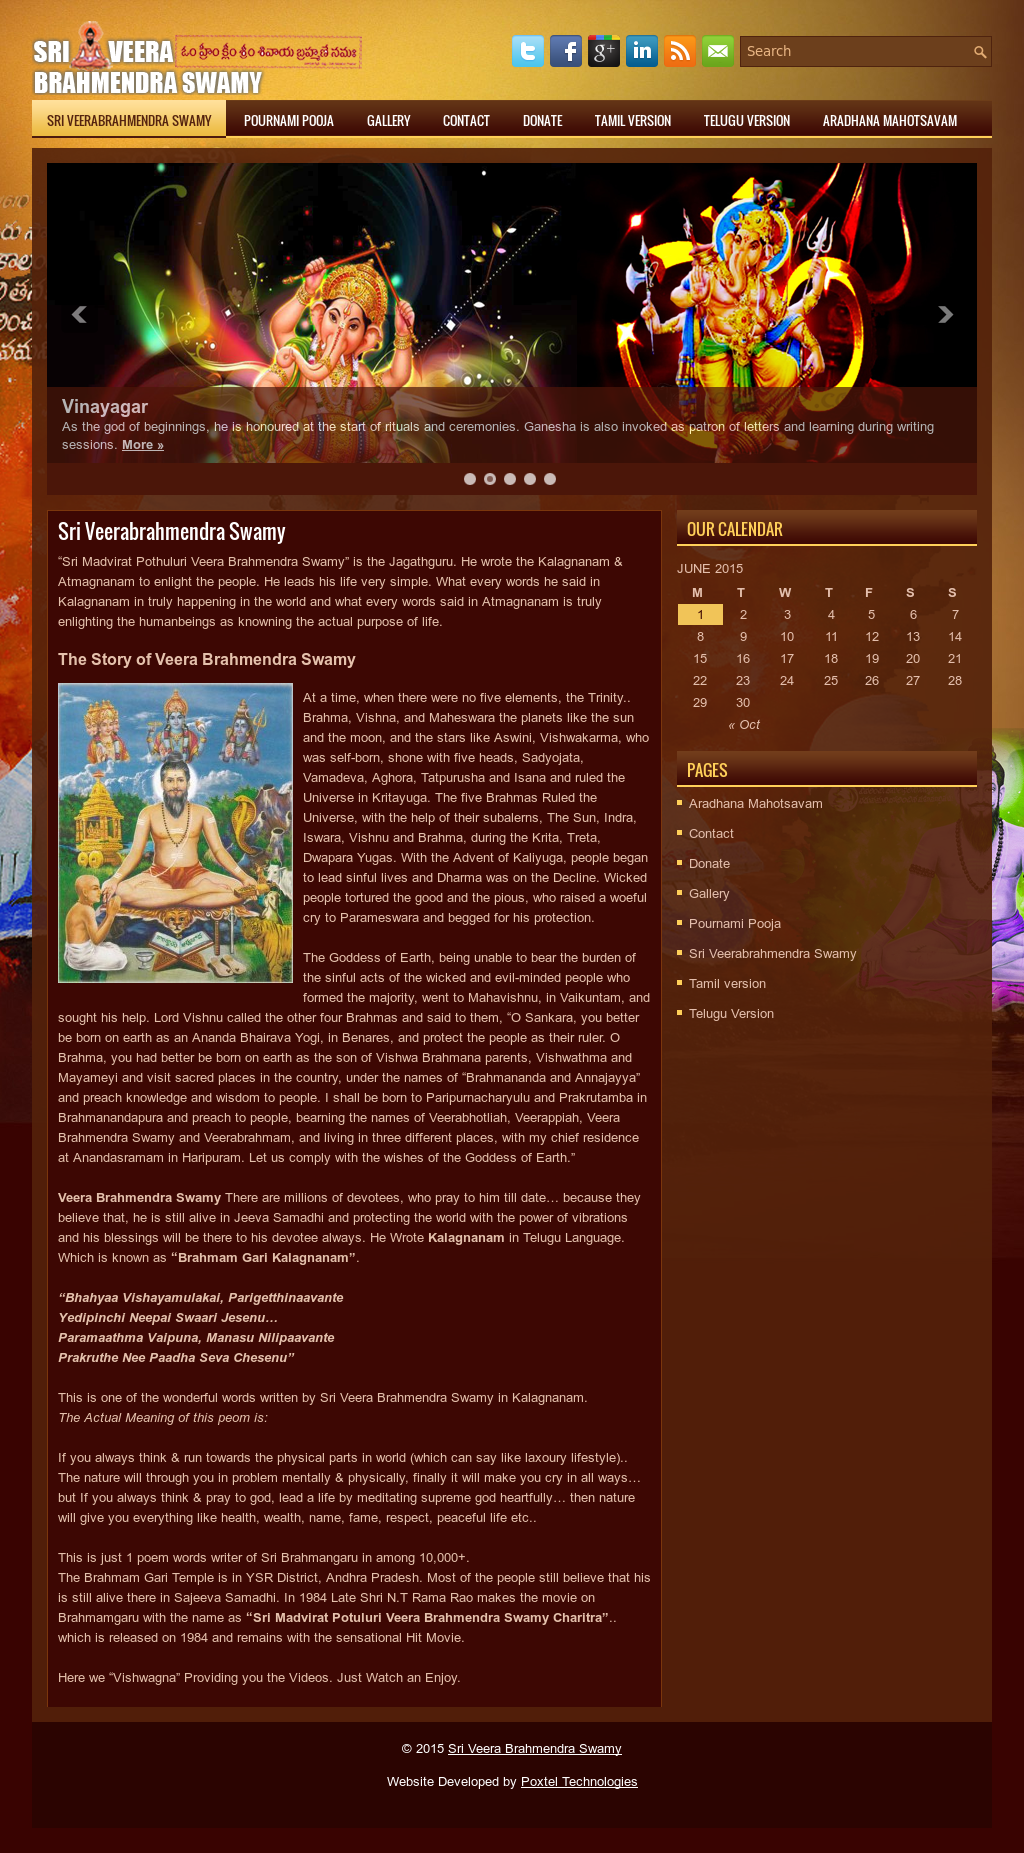 Sri Veera Brahmendra Swamy Competitors, Revenue and